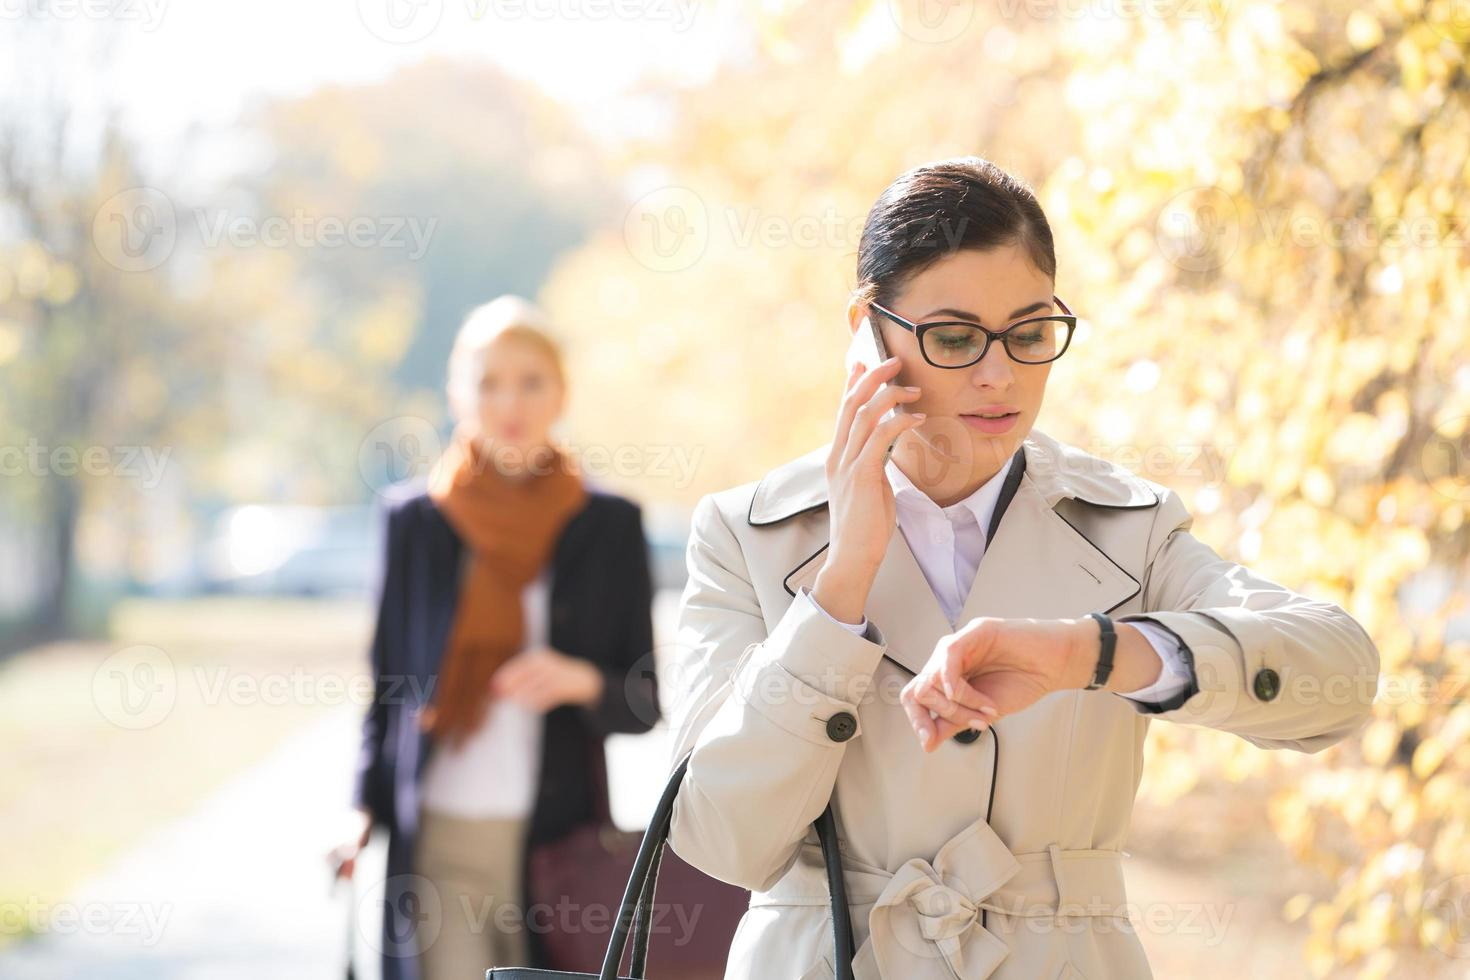 negocio femenino al aire libre foto